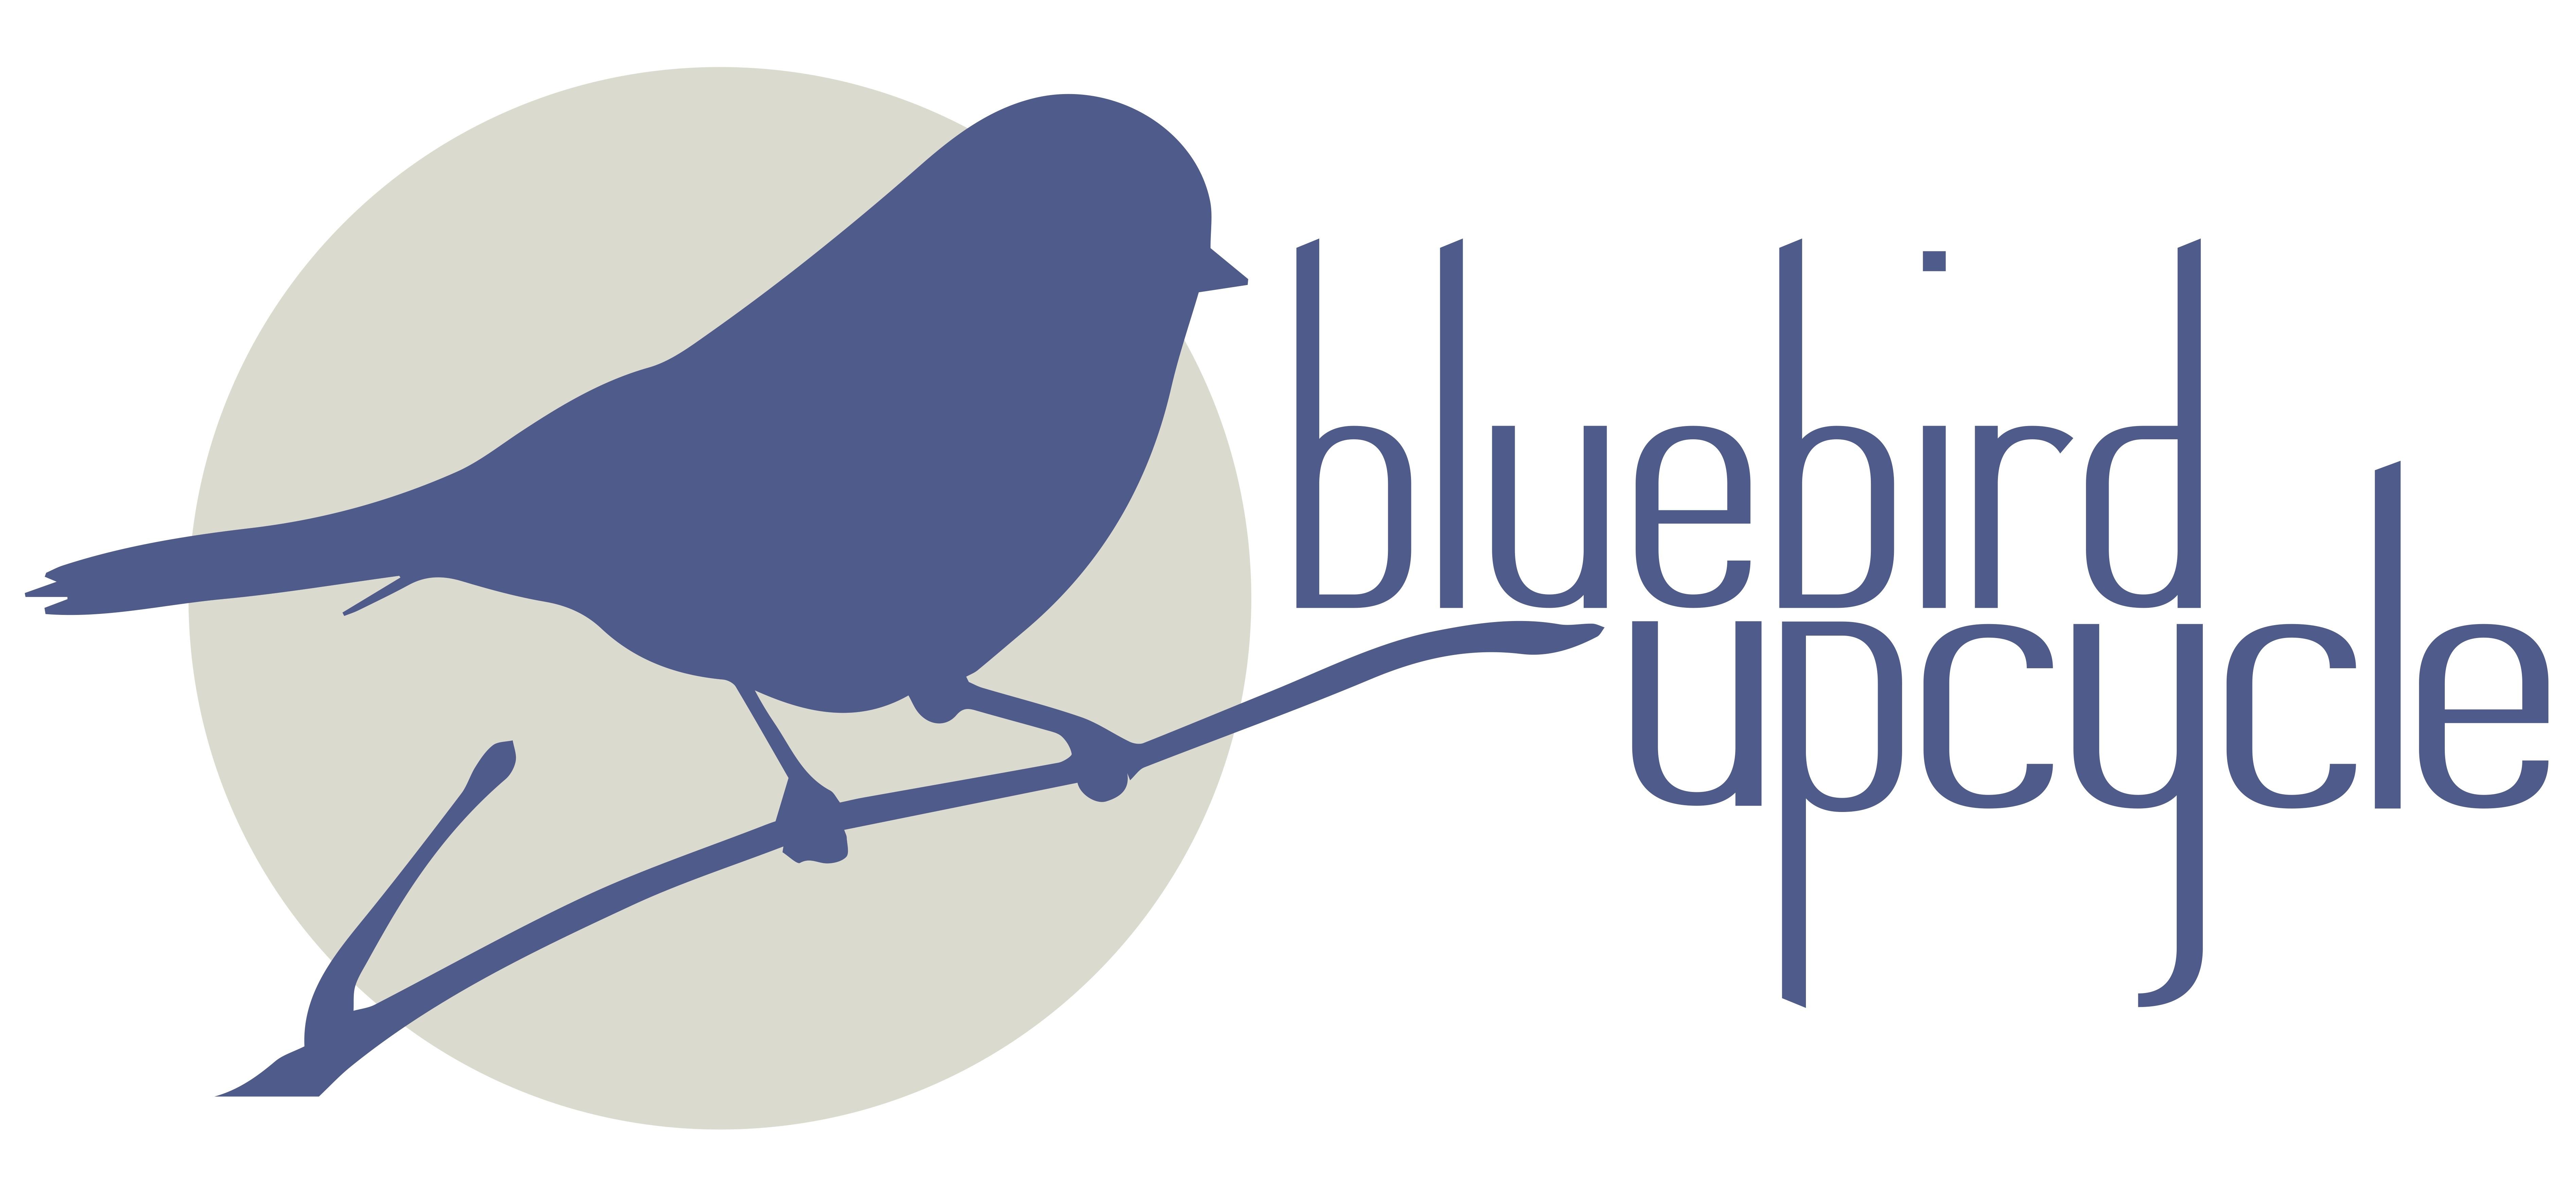 blubird-upcyle-logo